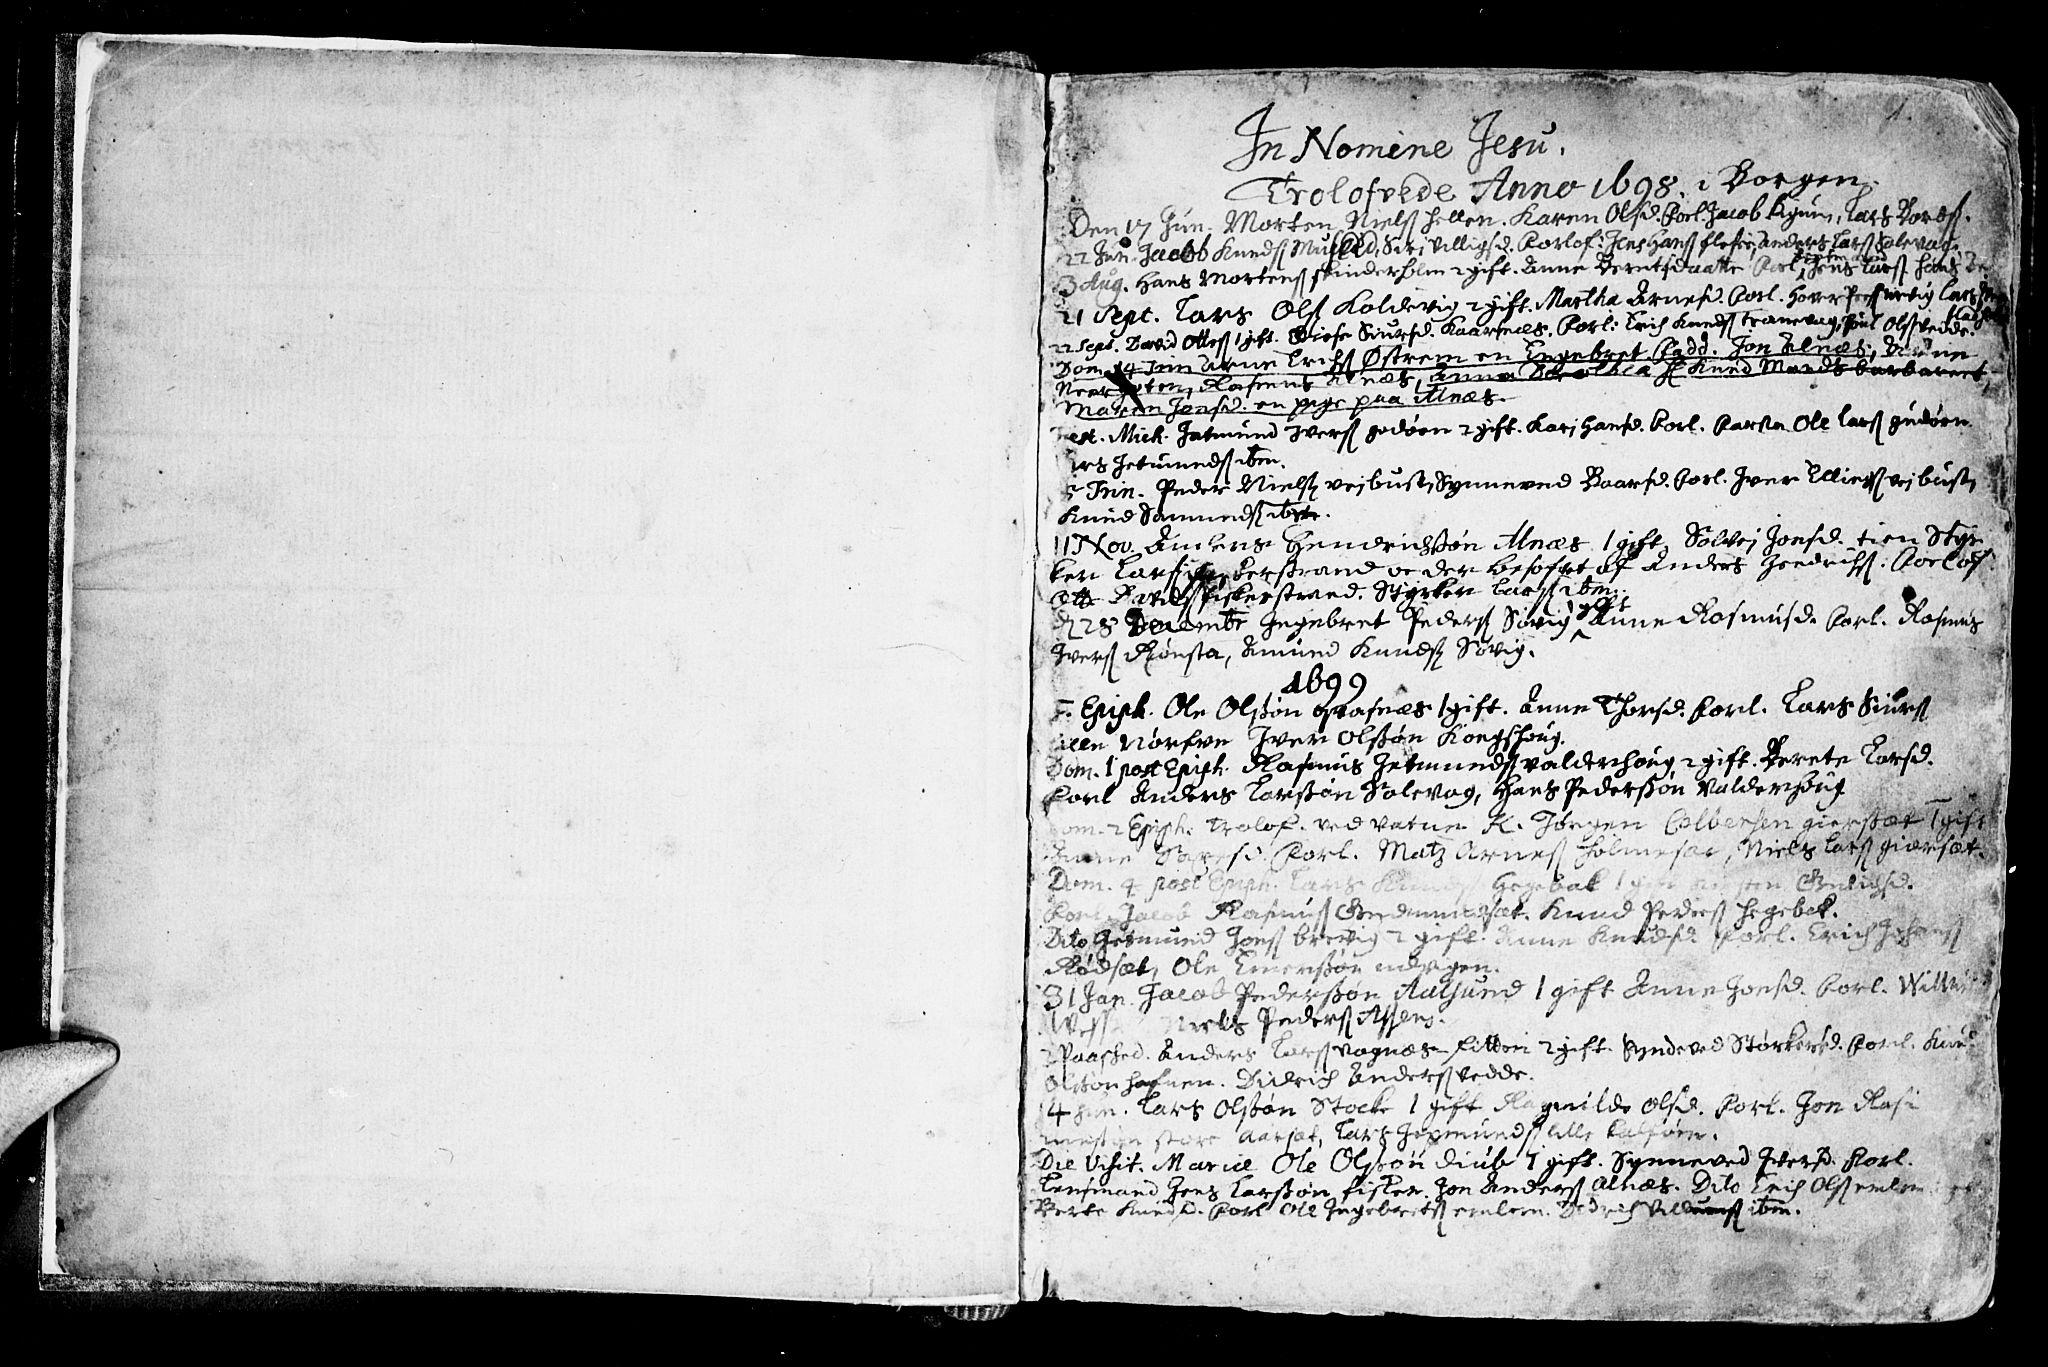 SAT, Ministerialprotokoller, klokkerbøker og fødselsregistre - Møre og Romsdal, 528/L0390: Ministerialbok nr. 528A01, 1698-1739, s. 0-1